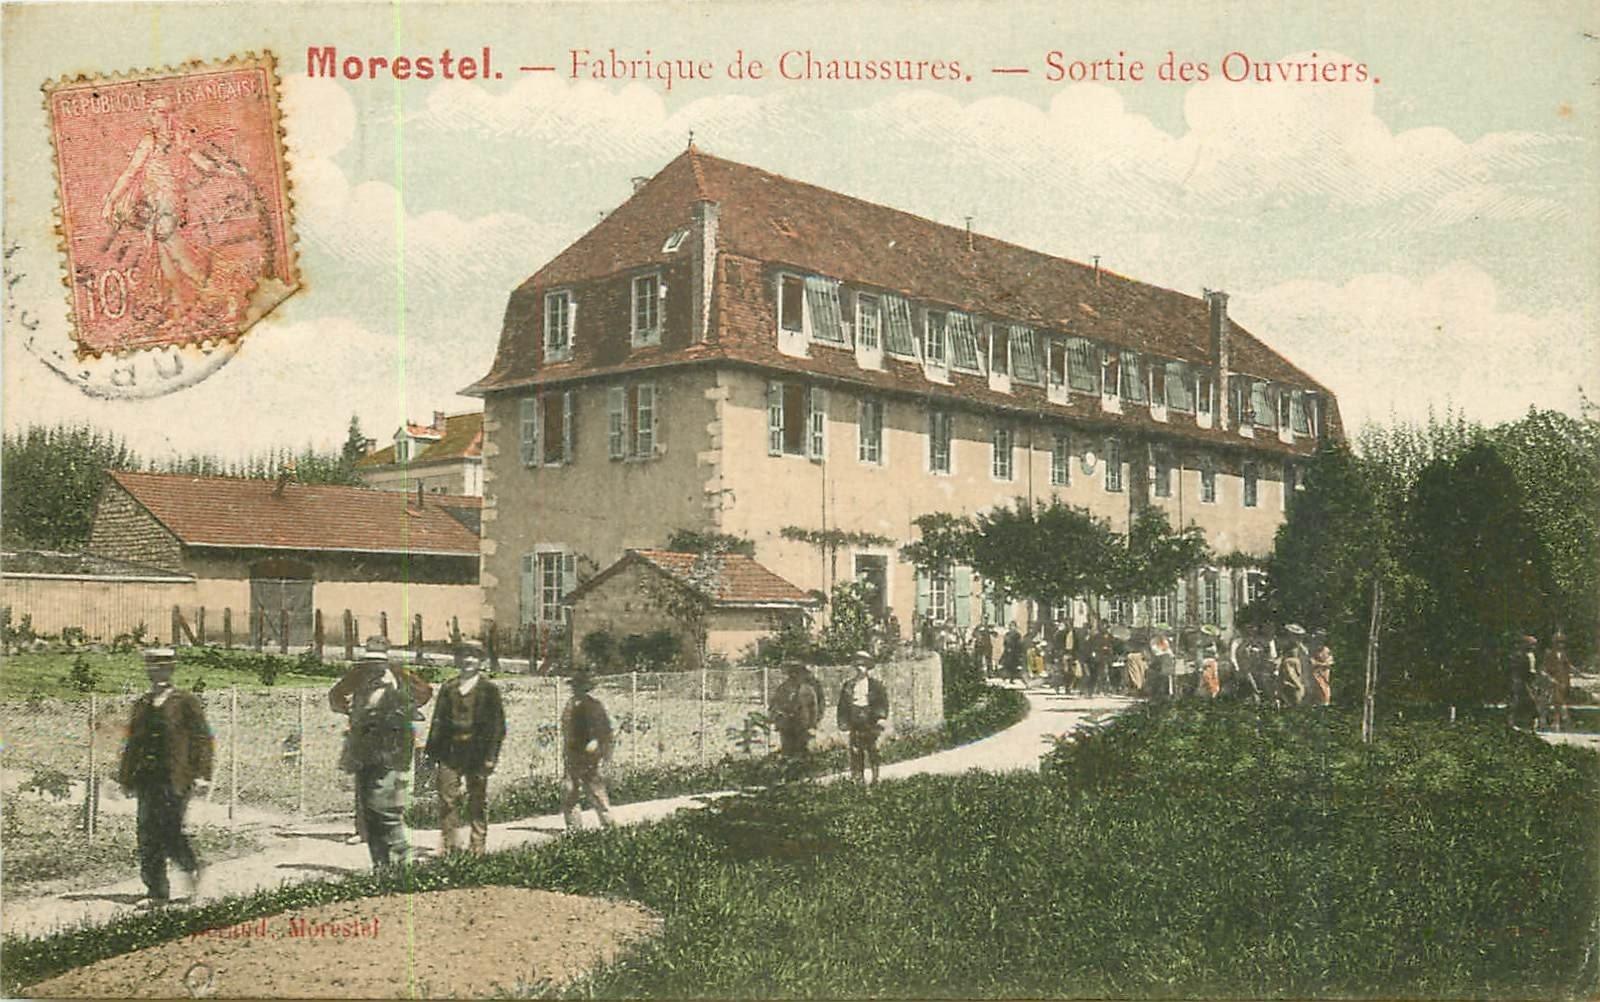 WW 38 MORESTEL. Sortie des Ouvriers de la Fabrique de Chaussures 1906